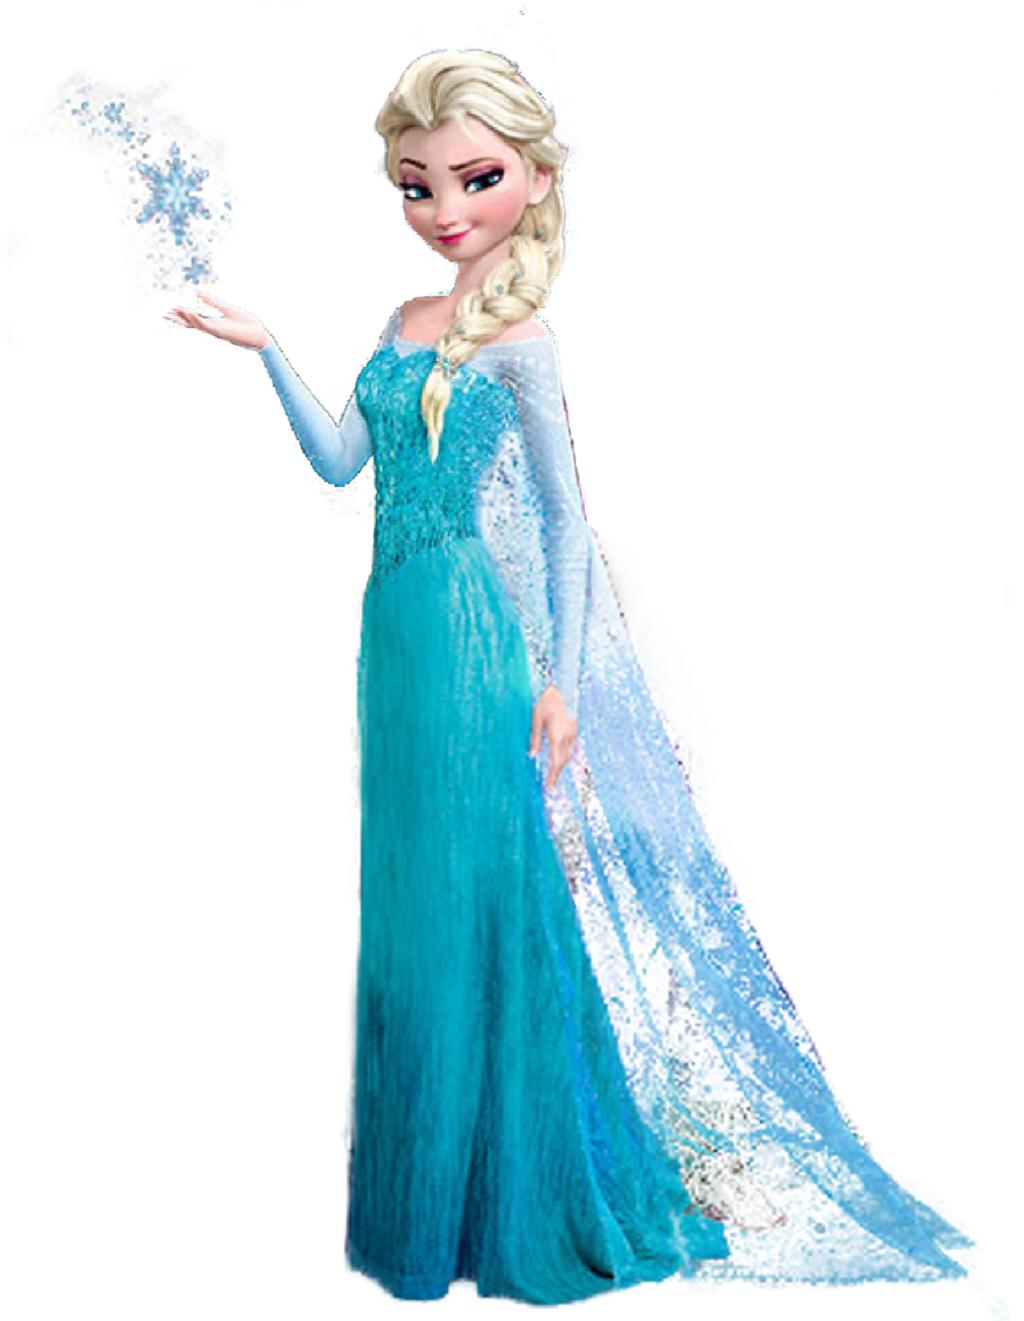 Elsa in Frozen Wallpapers Best Wallpapers FanDownload 1024x1321